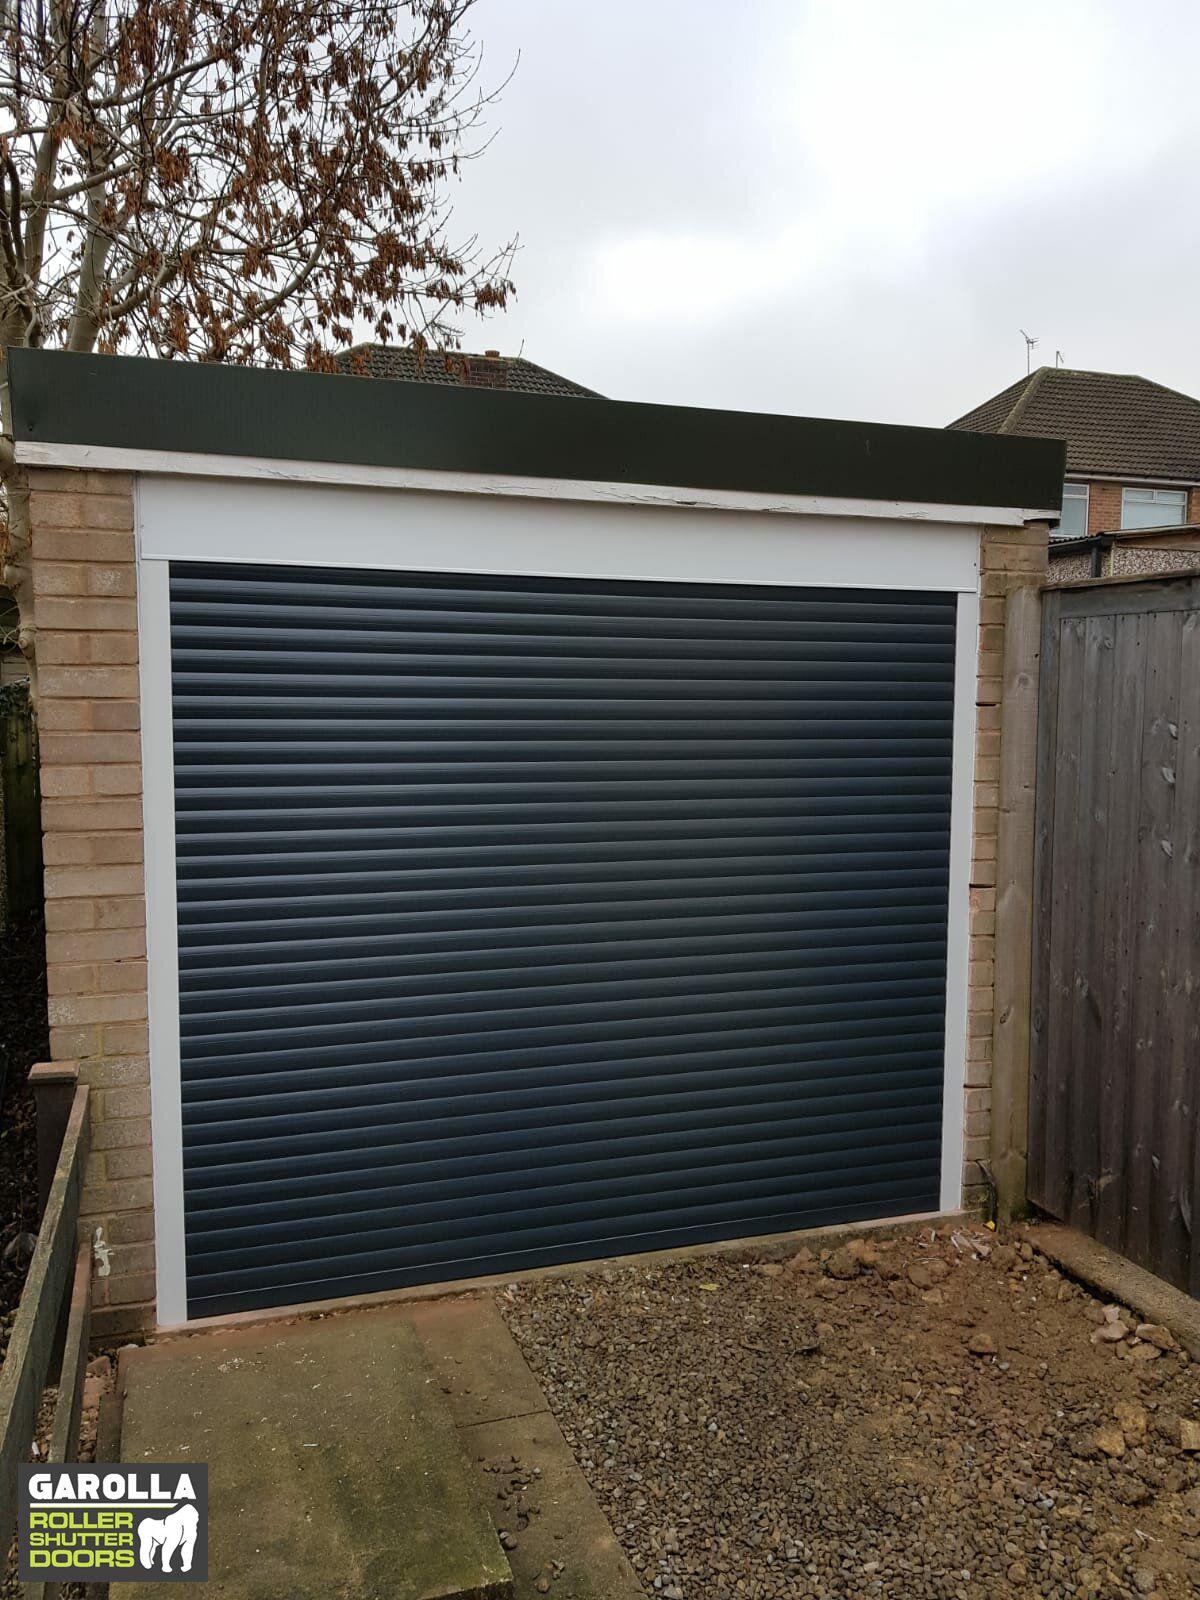 Roller Shutter Garage Doors In 2020 Garage Doors Prices Roller Doors Garage Door Styles